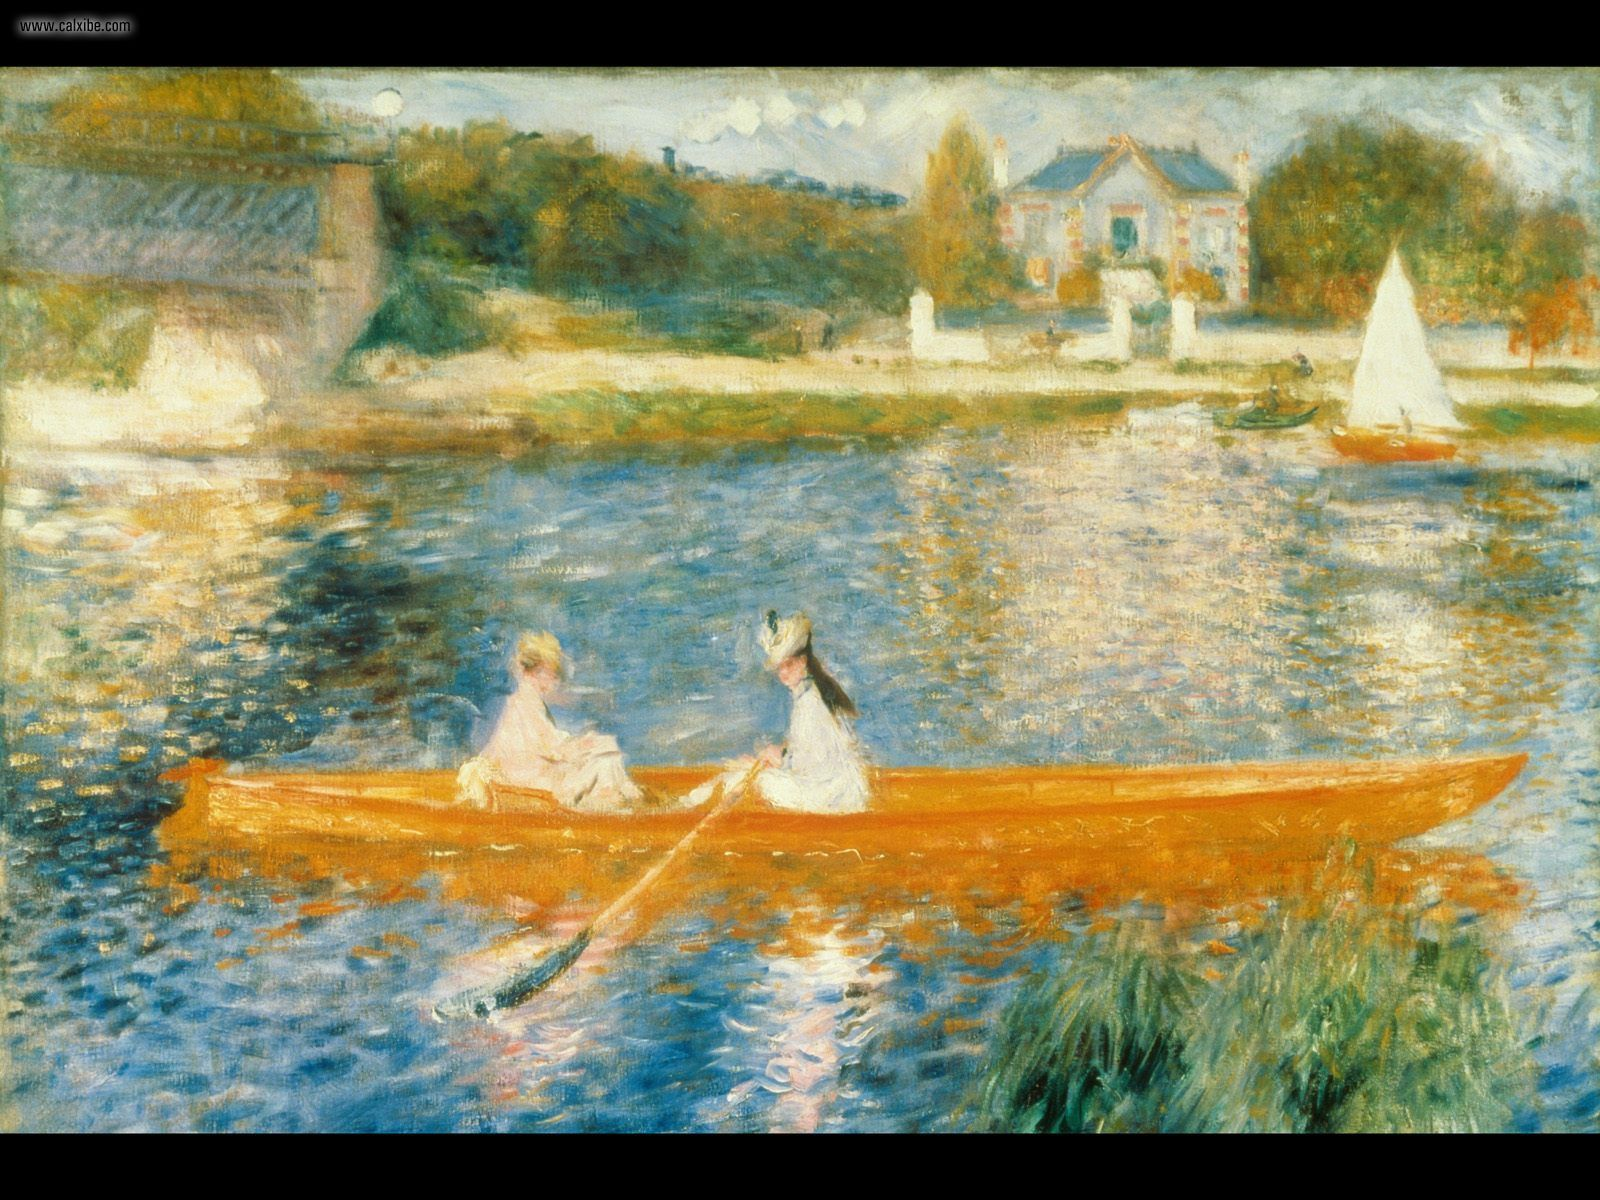 1600x1200 Vẽ & Tranh: Sông Seine ở Asnieres Renoir, hình nr.  20851